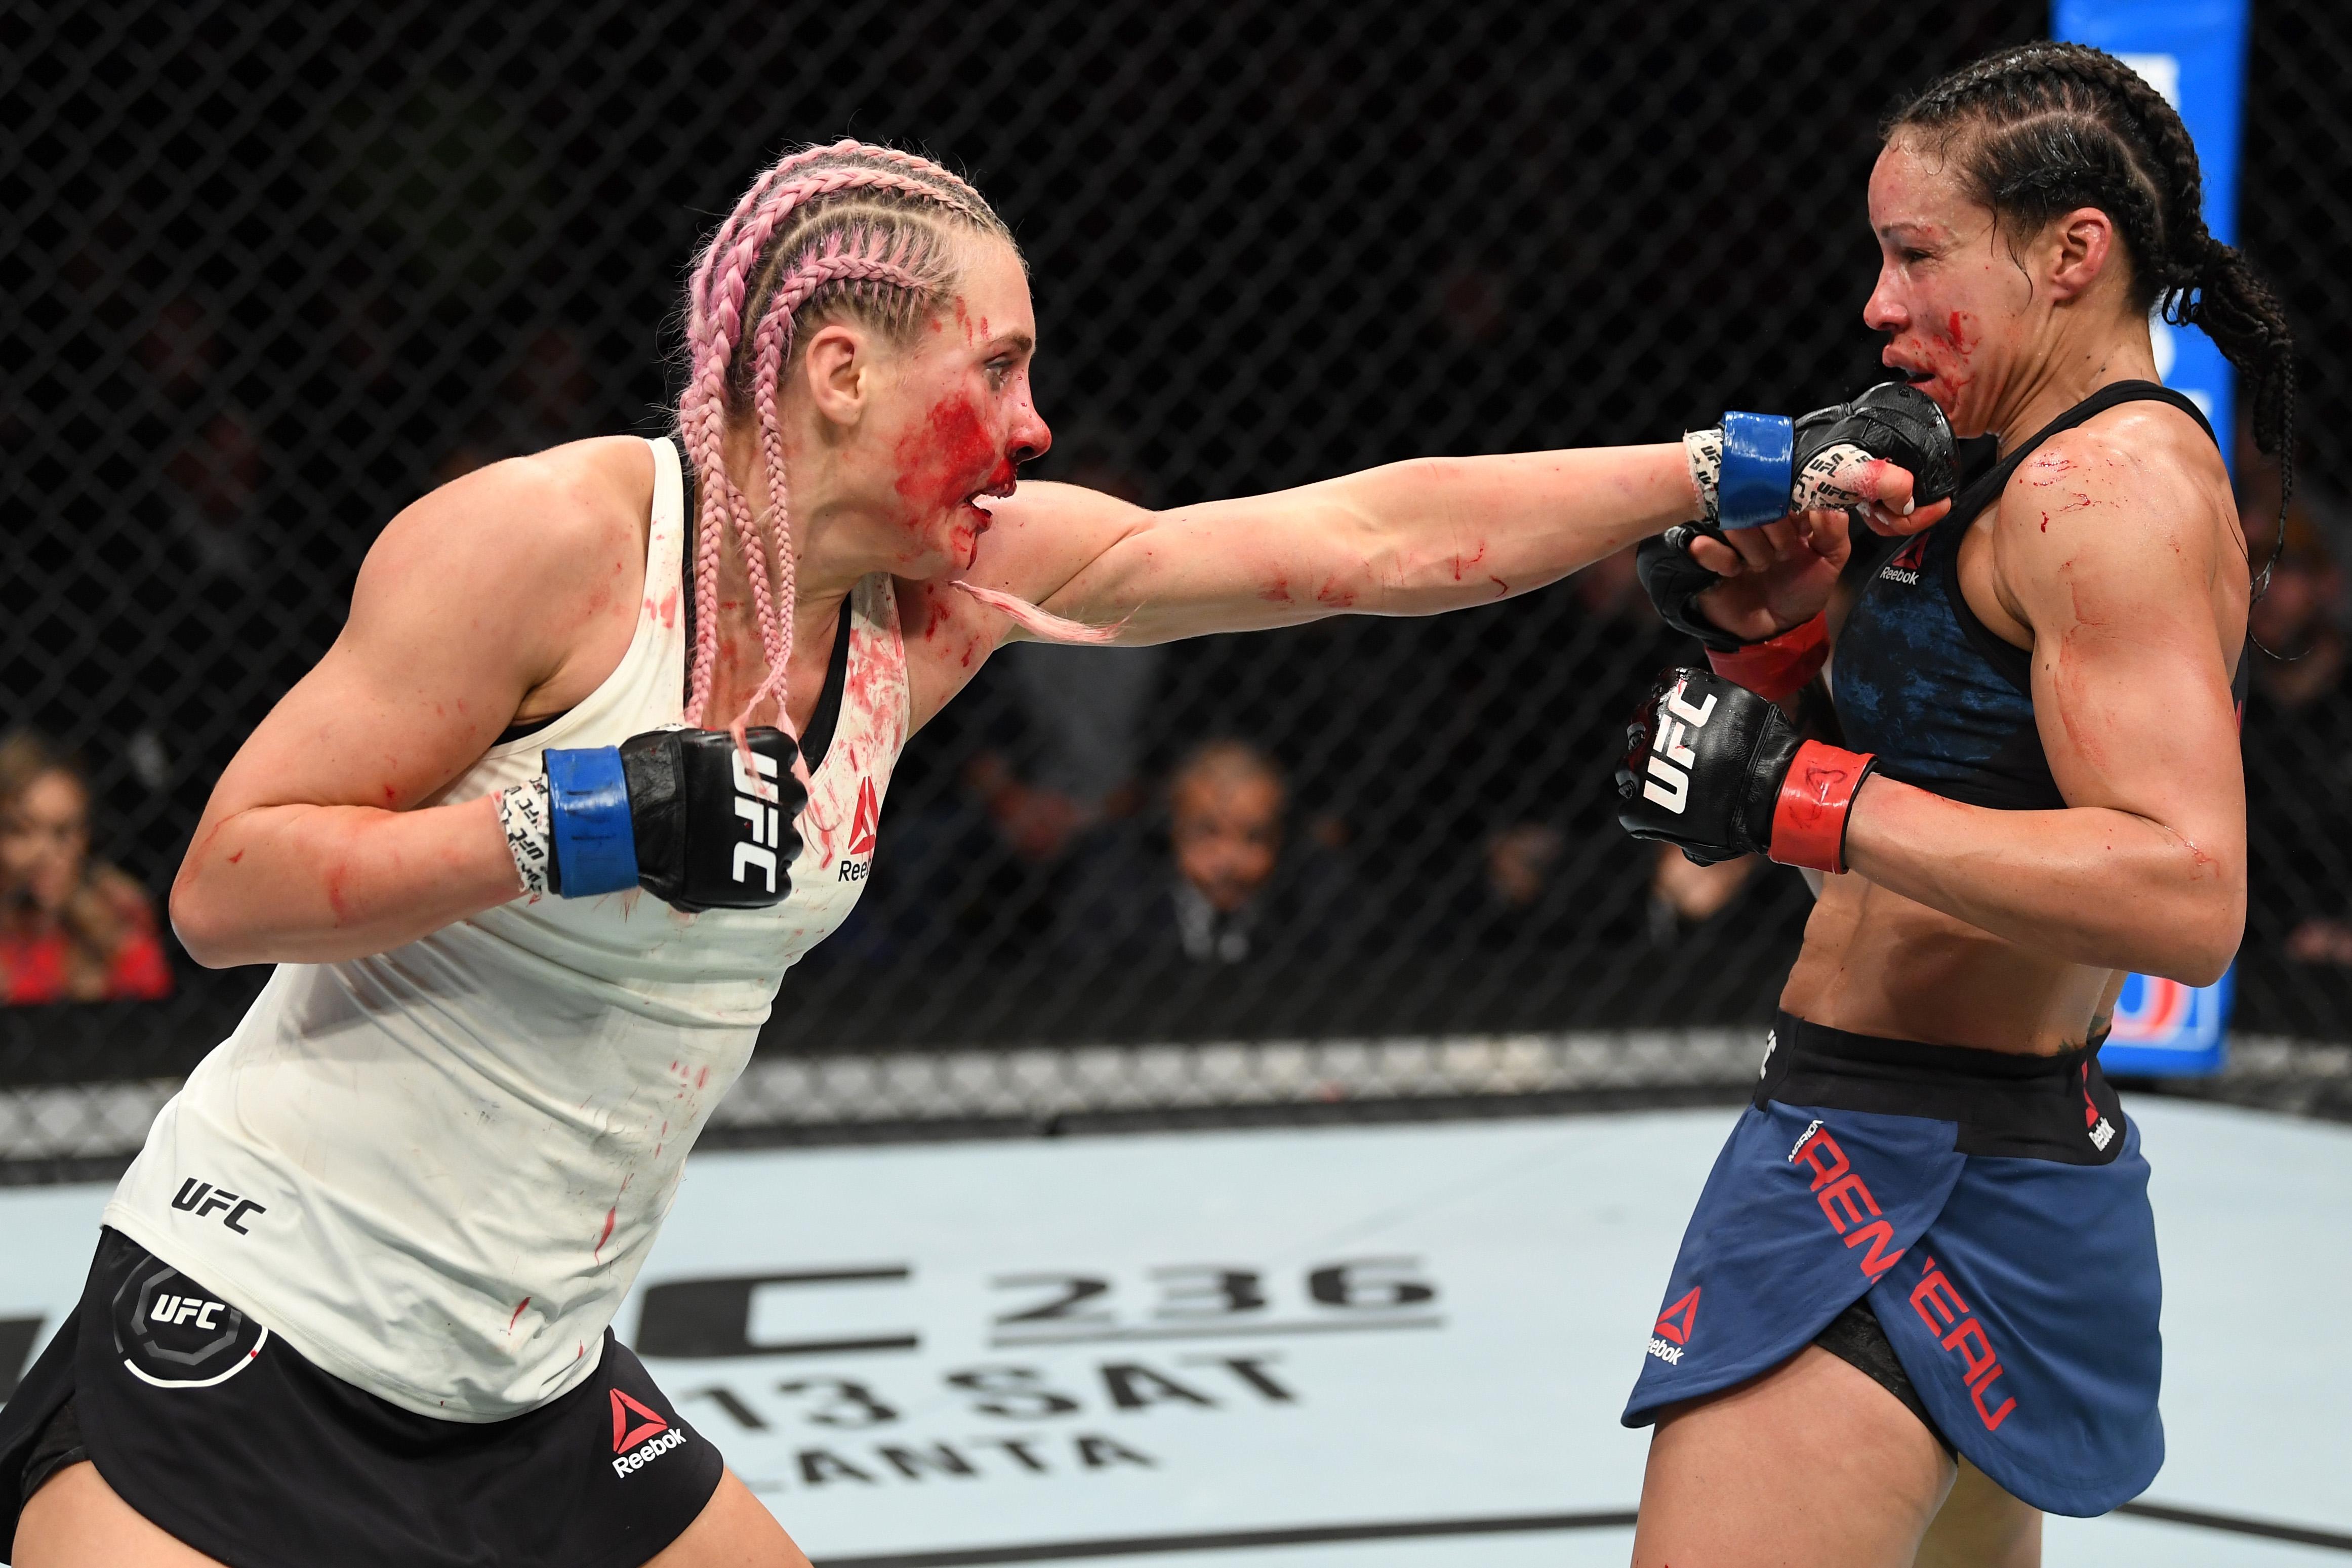 UFC Fight Night: Reneau v Kunitskaya